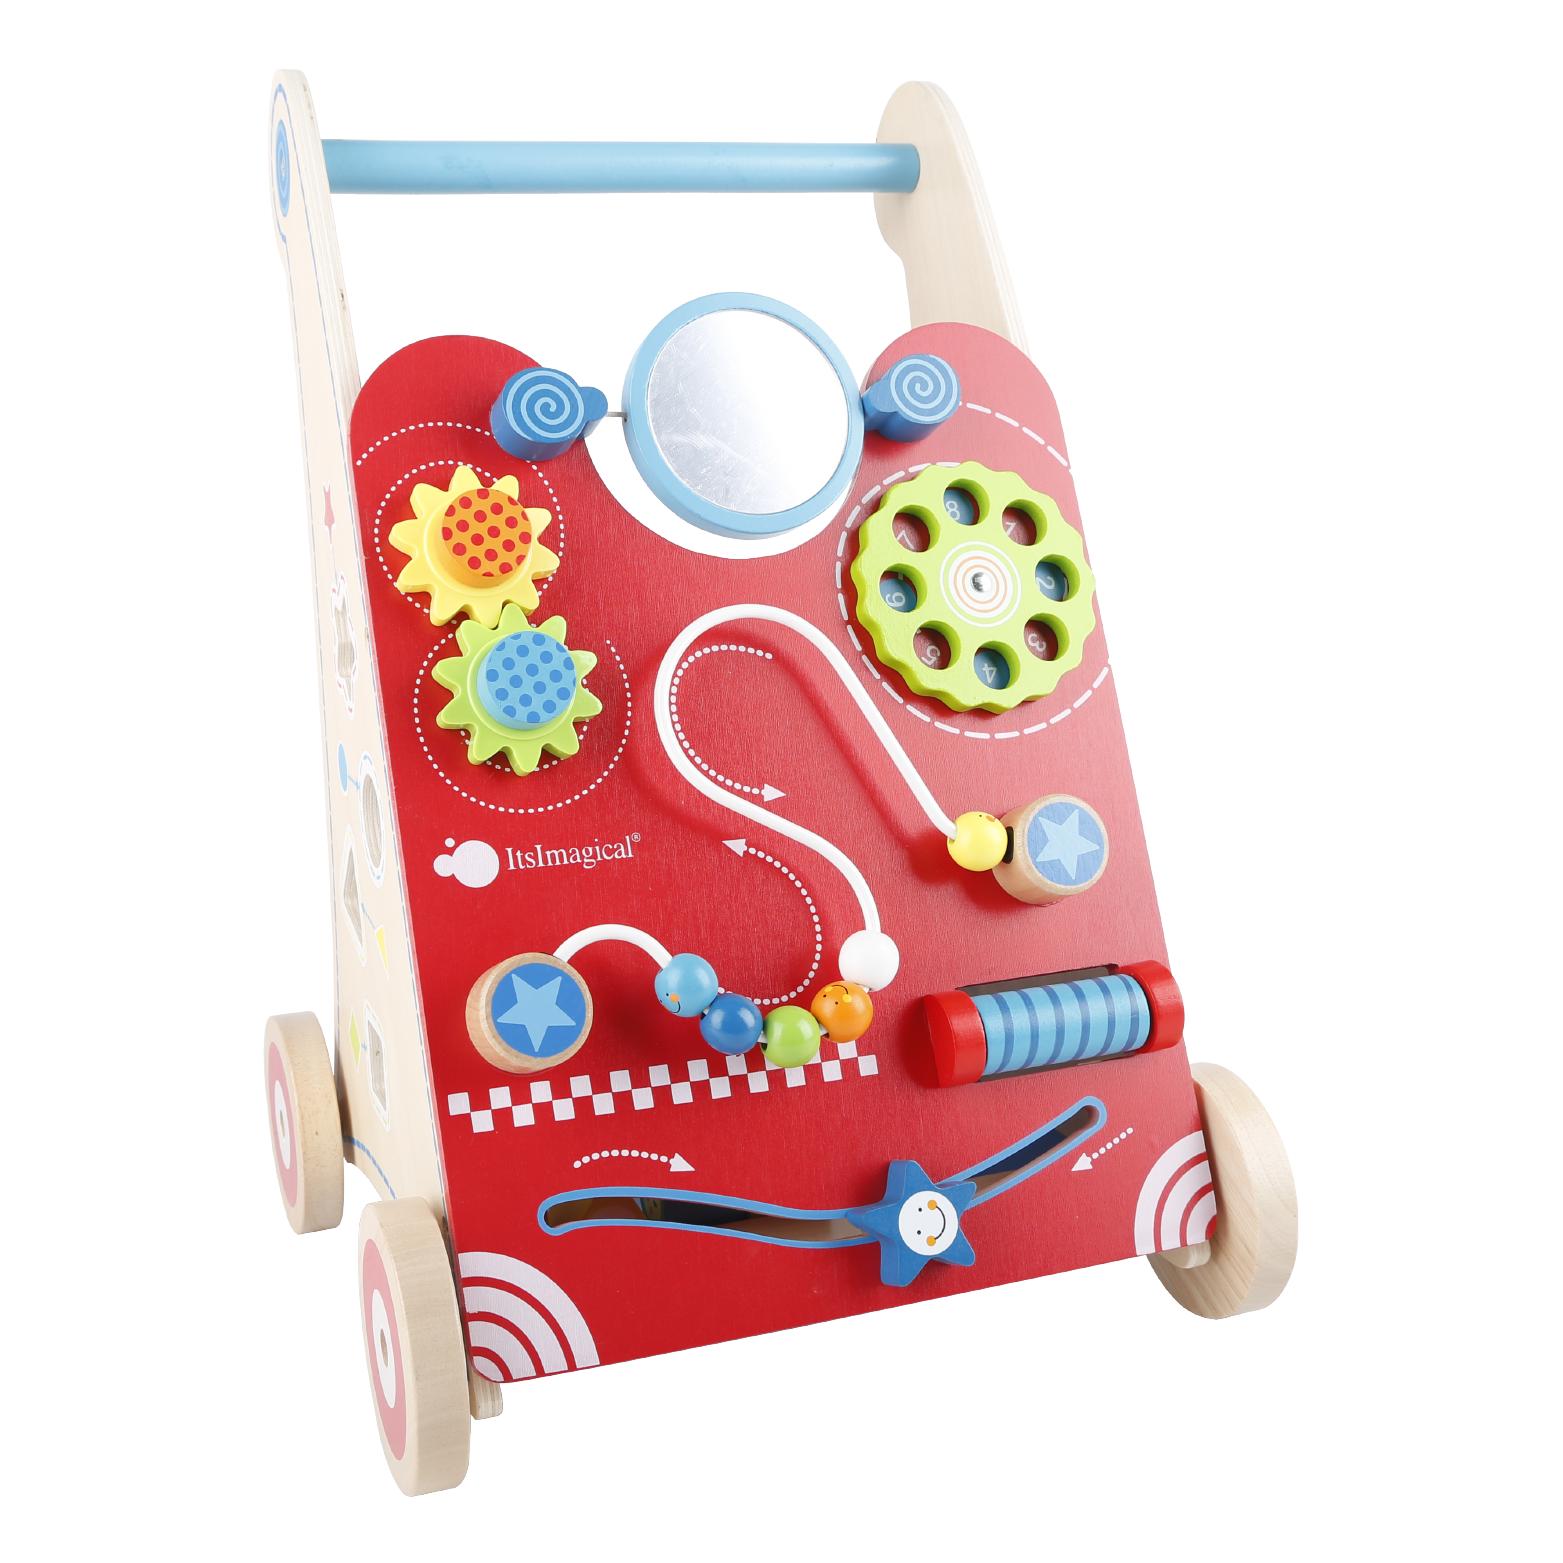 Новые детские развивающие игрушки, деревянный активный обучающий детский ходунок